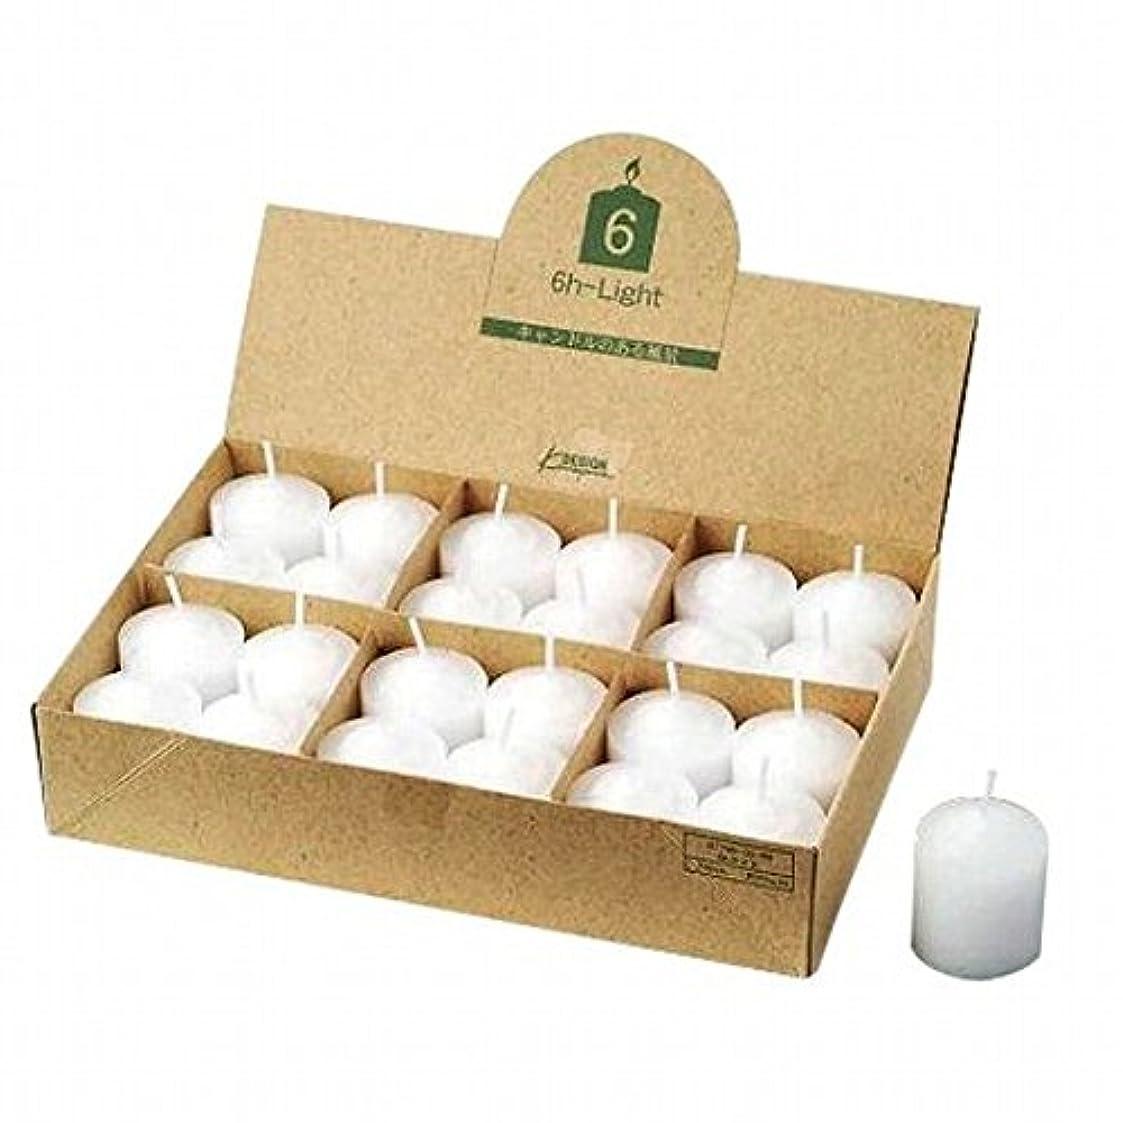 ノーブルトリム地中海kameyama candle(カメヤマキャンドル) 6Hライト(6時間タイプ)24個入り(日本製)(77960099)